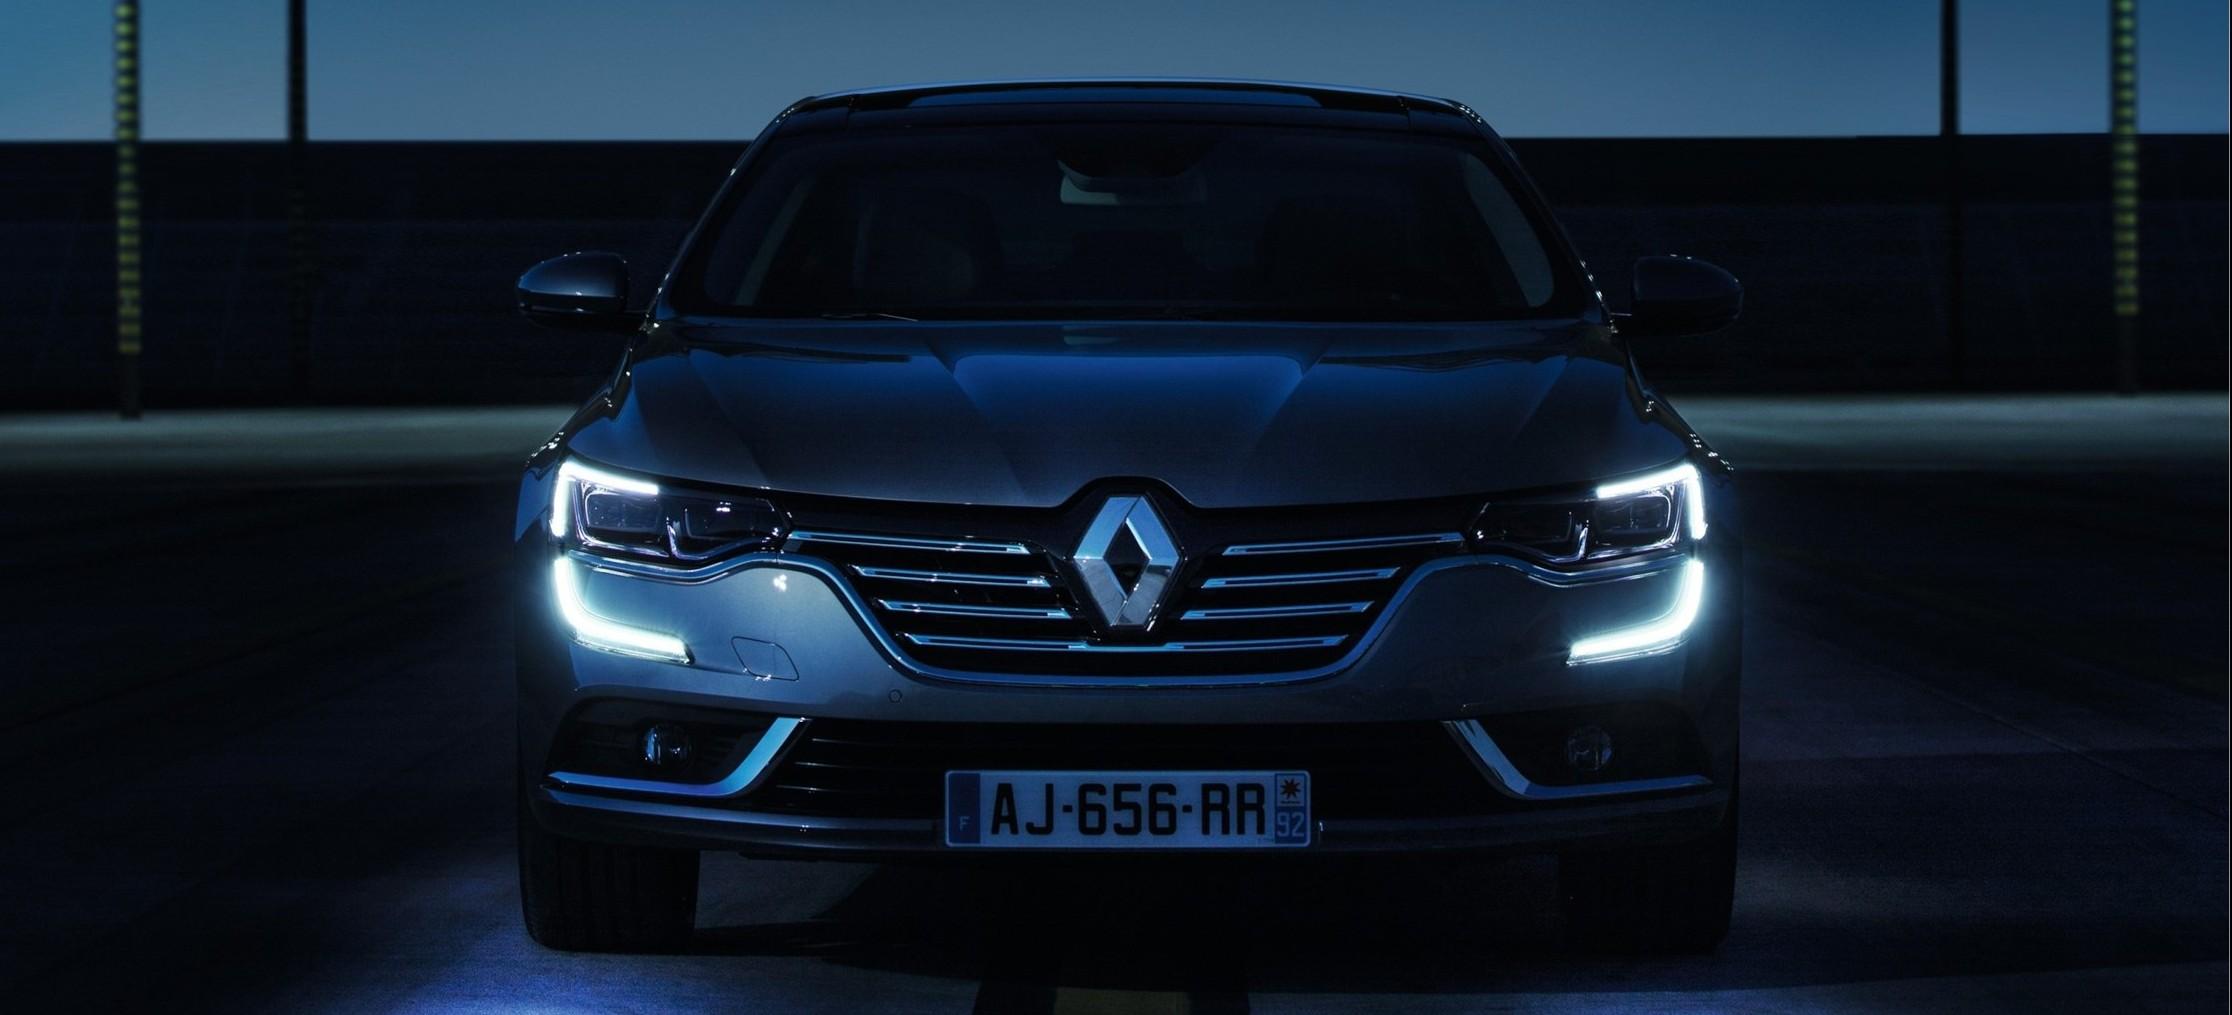 Renault talisman for Exterieur nuit